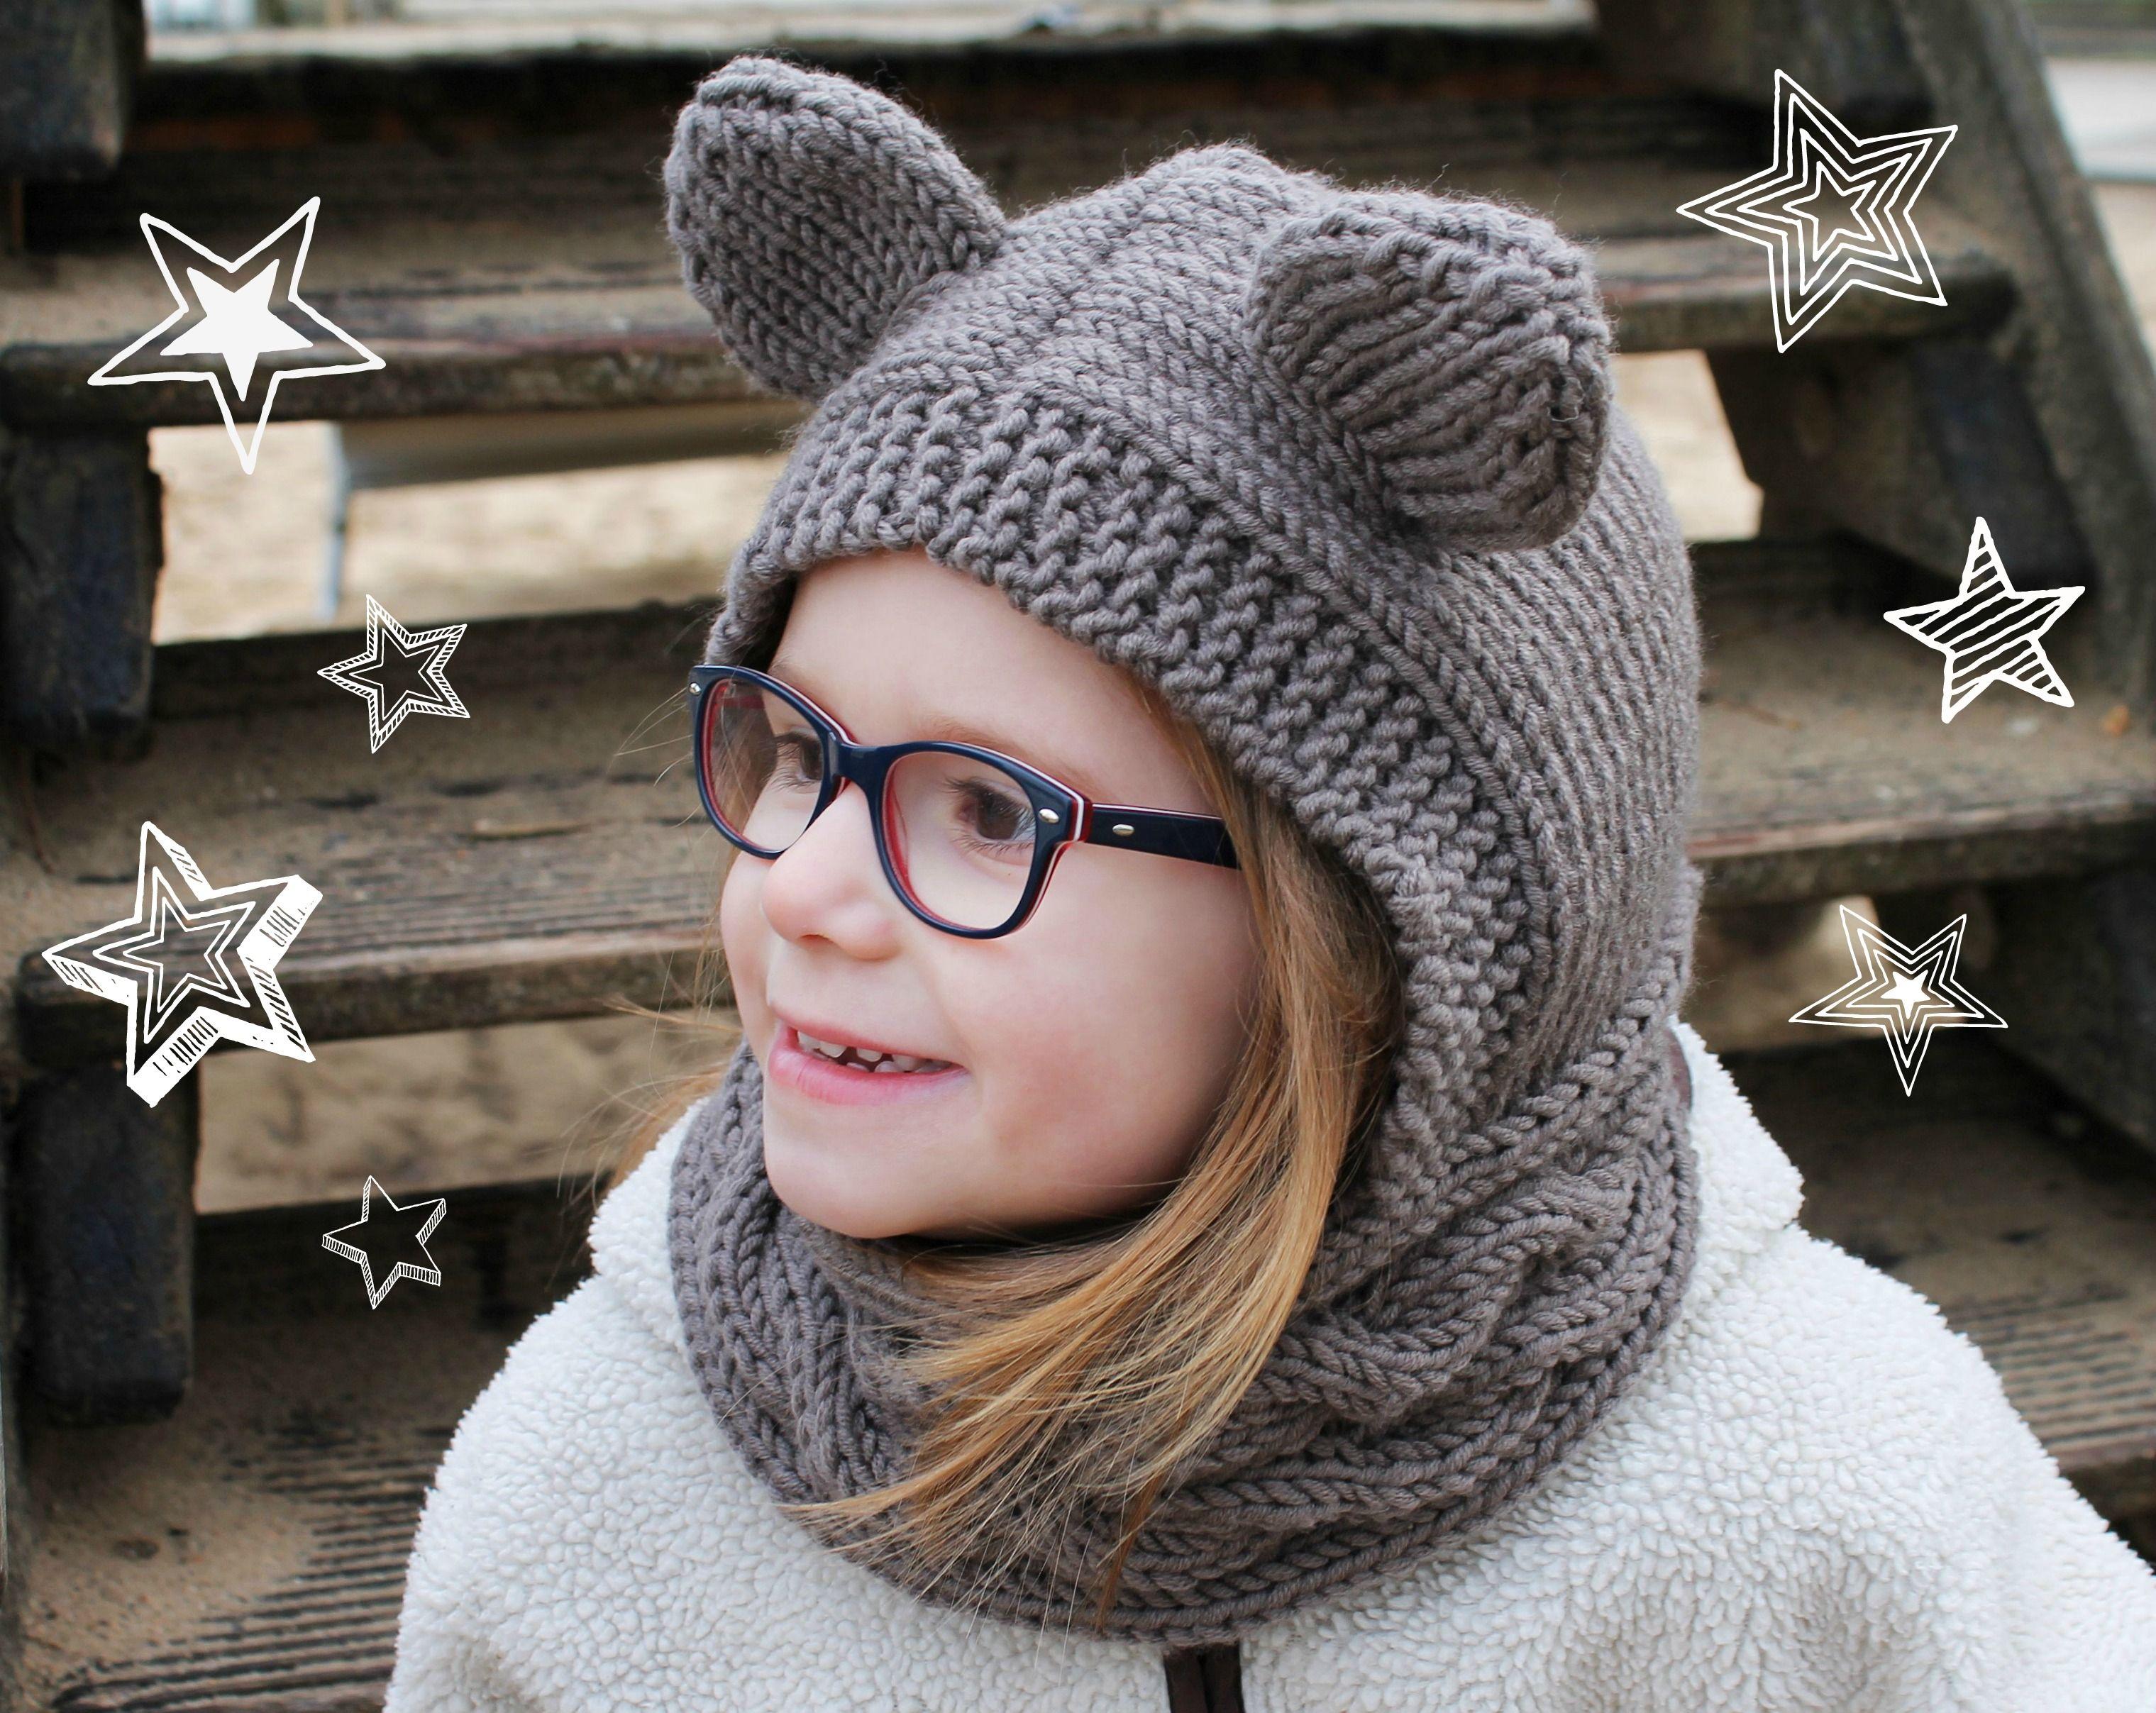 Schalmütze mit Ohren stricken: Strickkit Pu | Pinterest | Schalmütze ...